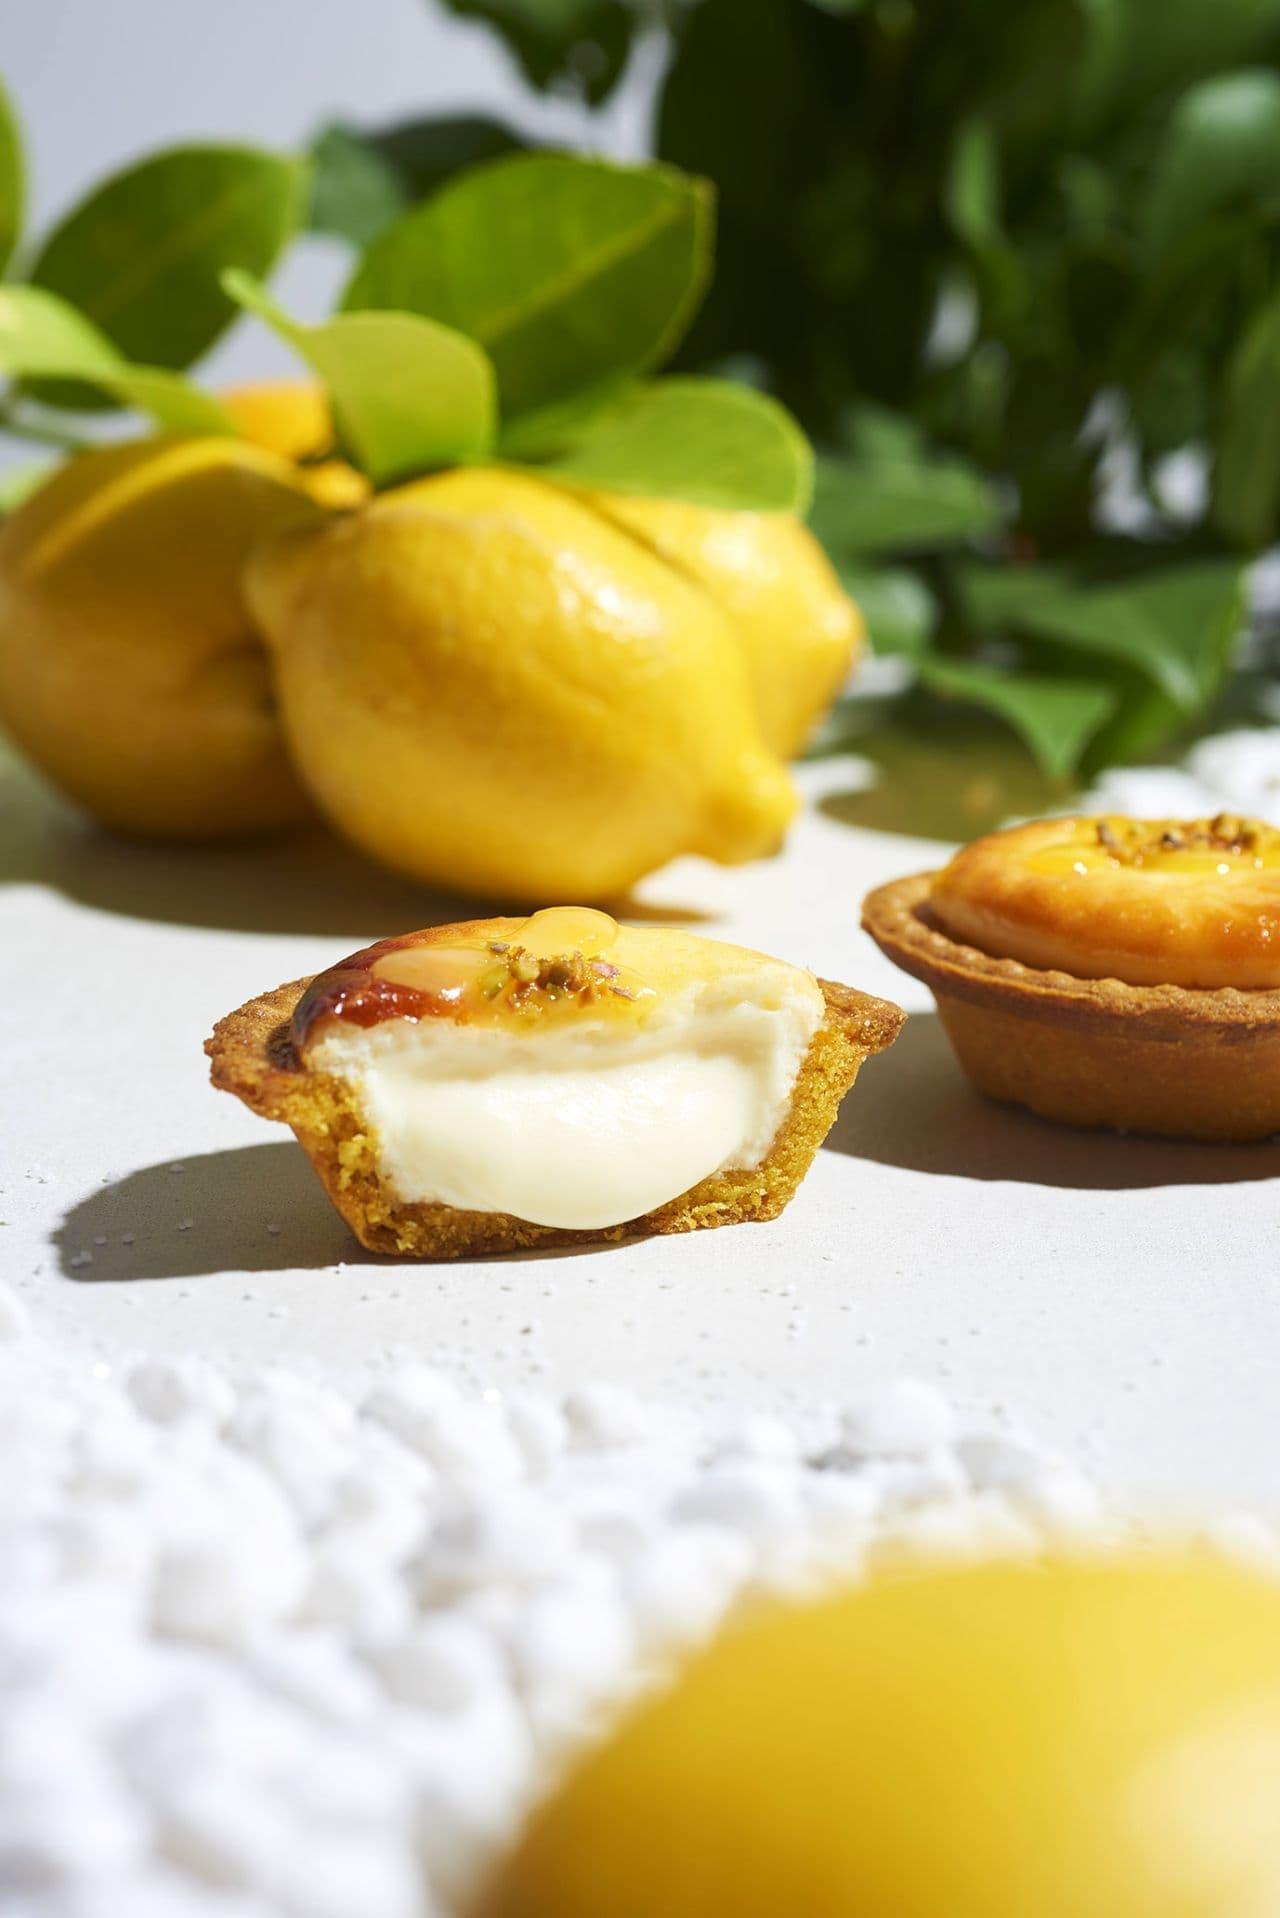 ベイク チーズタルト「潮風レモンチーズタルト」